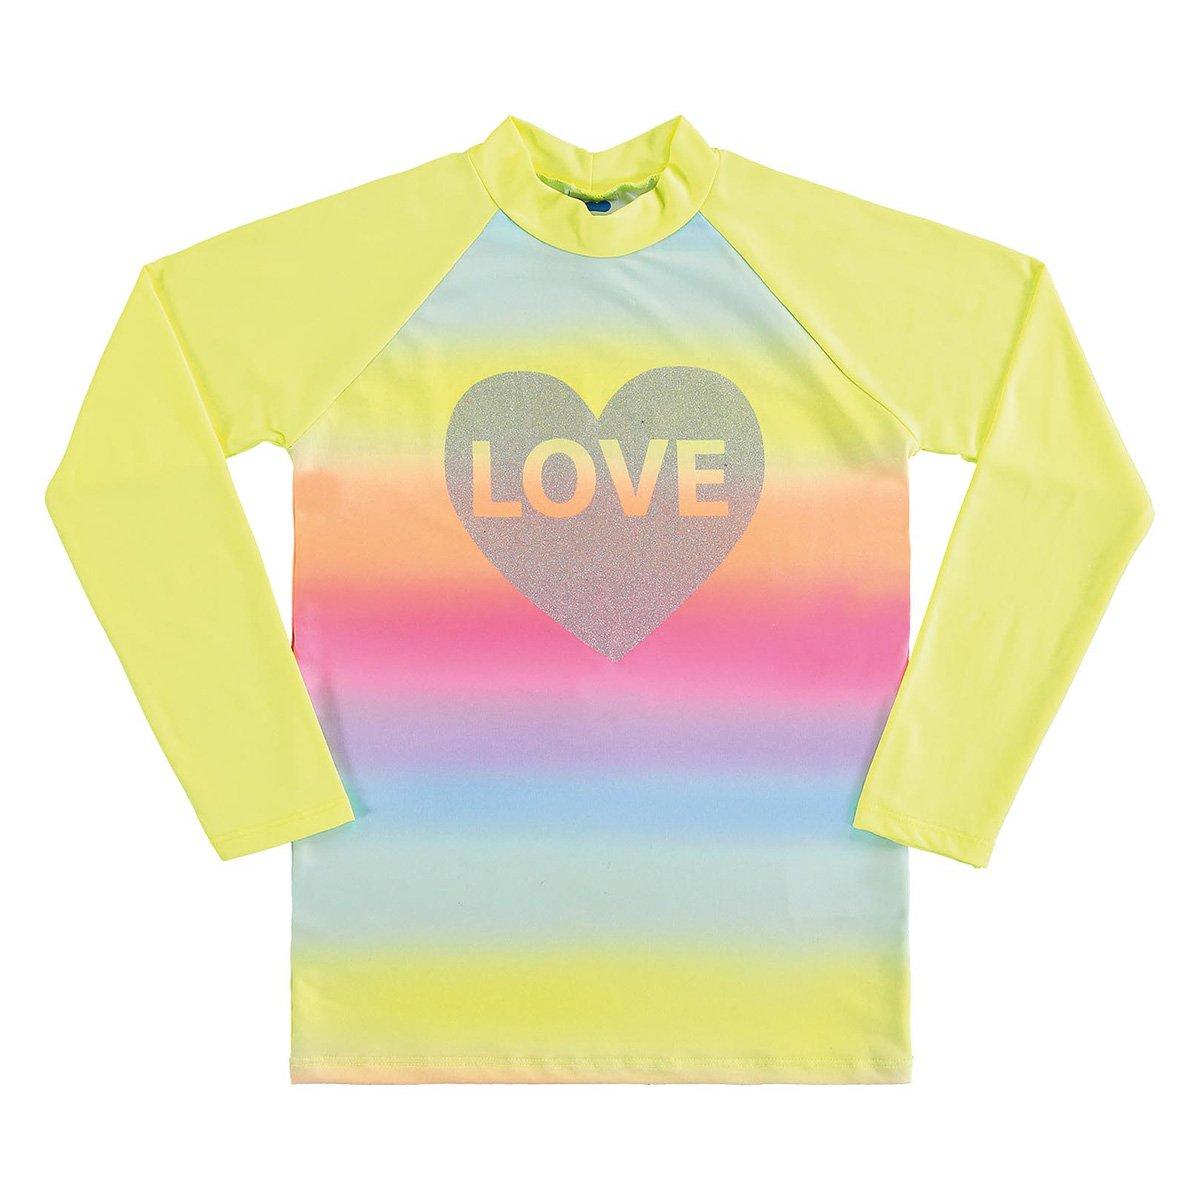 Camiseta Juvenil Marlan Proteção UV Manga Longa Feminina